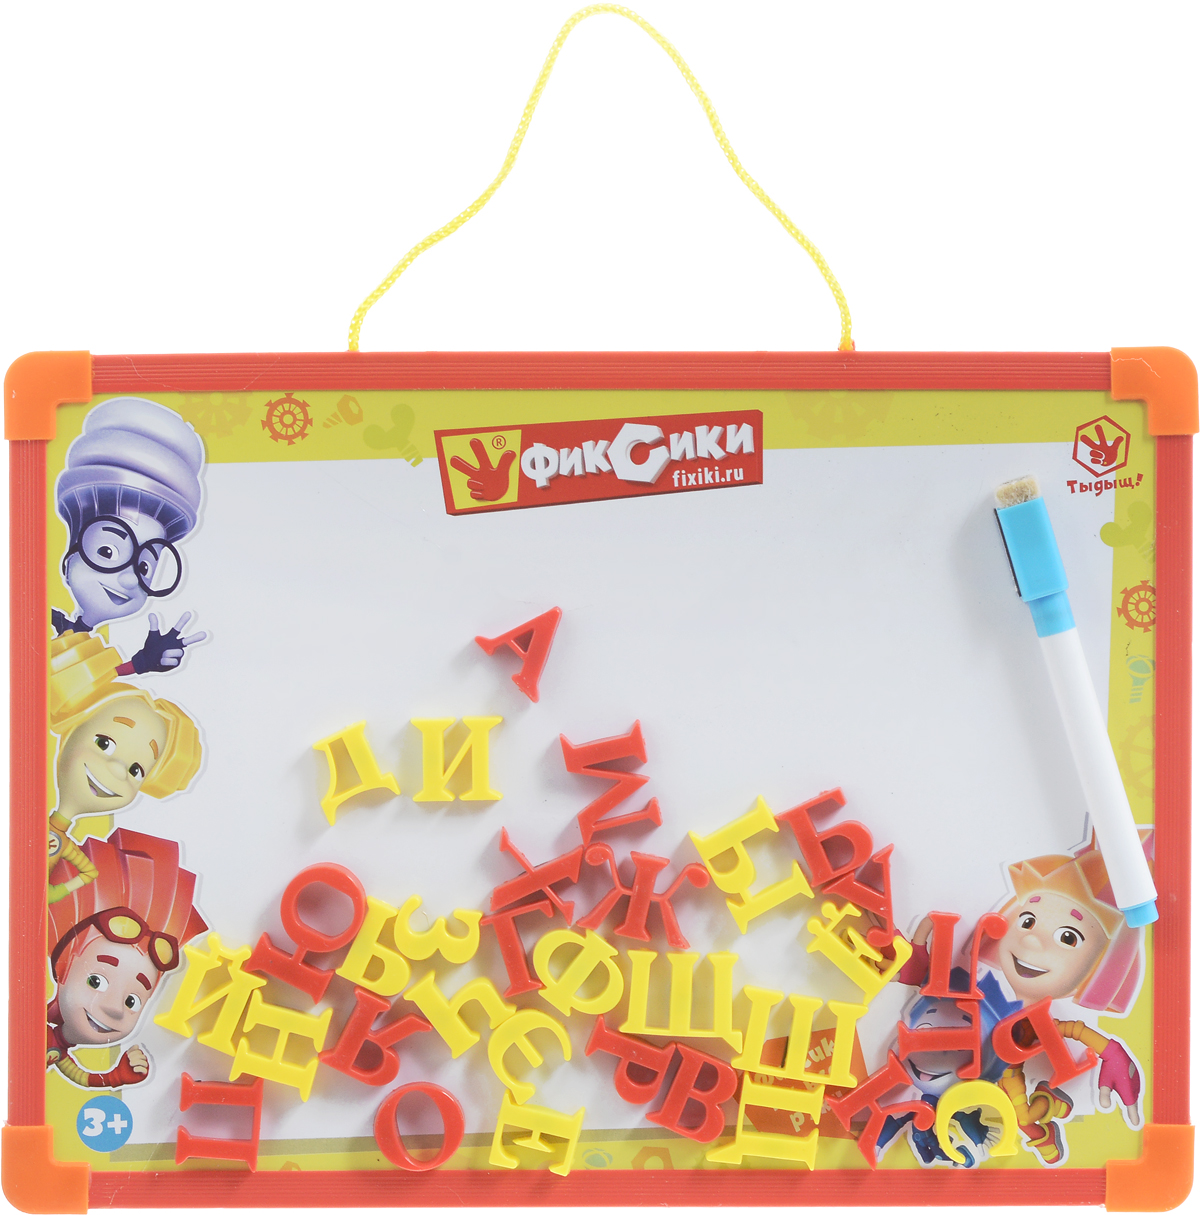 Играем вместе Магнитная доска ФиксикиFS-00897Магнитная доска Фиксики - обучающая принадлежность, без которой сегодня не обойтись. На ней можно как рисовать или писать, так и раскладывать магнитные элементы. В комплекте с доской имеется стирающийся маркер и набор букв на магнитиках, при помощи которых ребенок сможет самостоятельно составлять слова. Маркер позволяет ребенку закрепить в памяти полученное знание о новой букве и научиться писать ее. Доска оформлена в тематике любимого мультфильма Фиксики и дополнена удобной веревочкой для подвешивания. Магнитная доска Фиксики от Играем вместе предназначена для детей среднего и старшего дошкольного возраста с целью наглядно познакомить их с буквами алфавита. Занимаясь с ребенком, с помощью этой доски вы постепенно подготовите его к школьным занятиям и спасете стены вашего жилья от росписи юным художником.